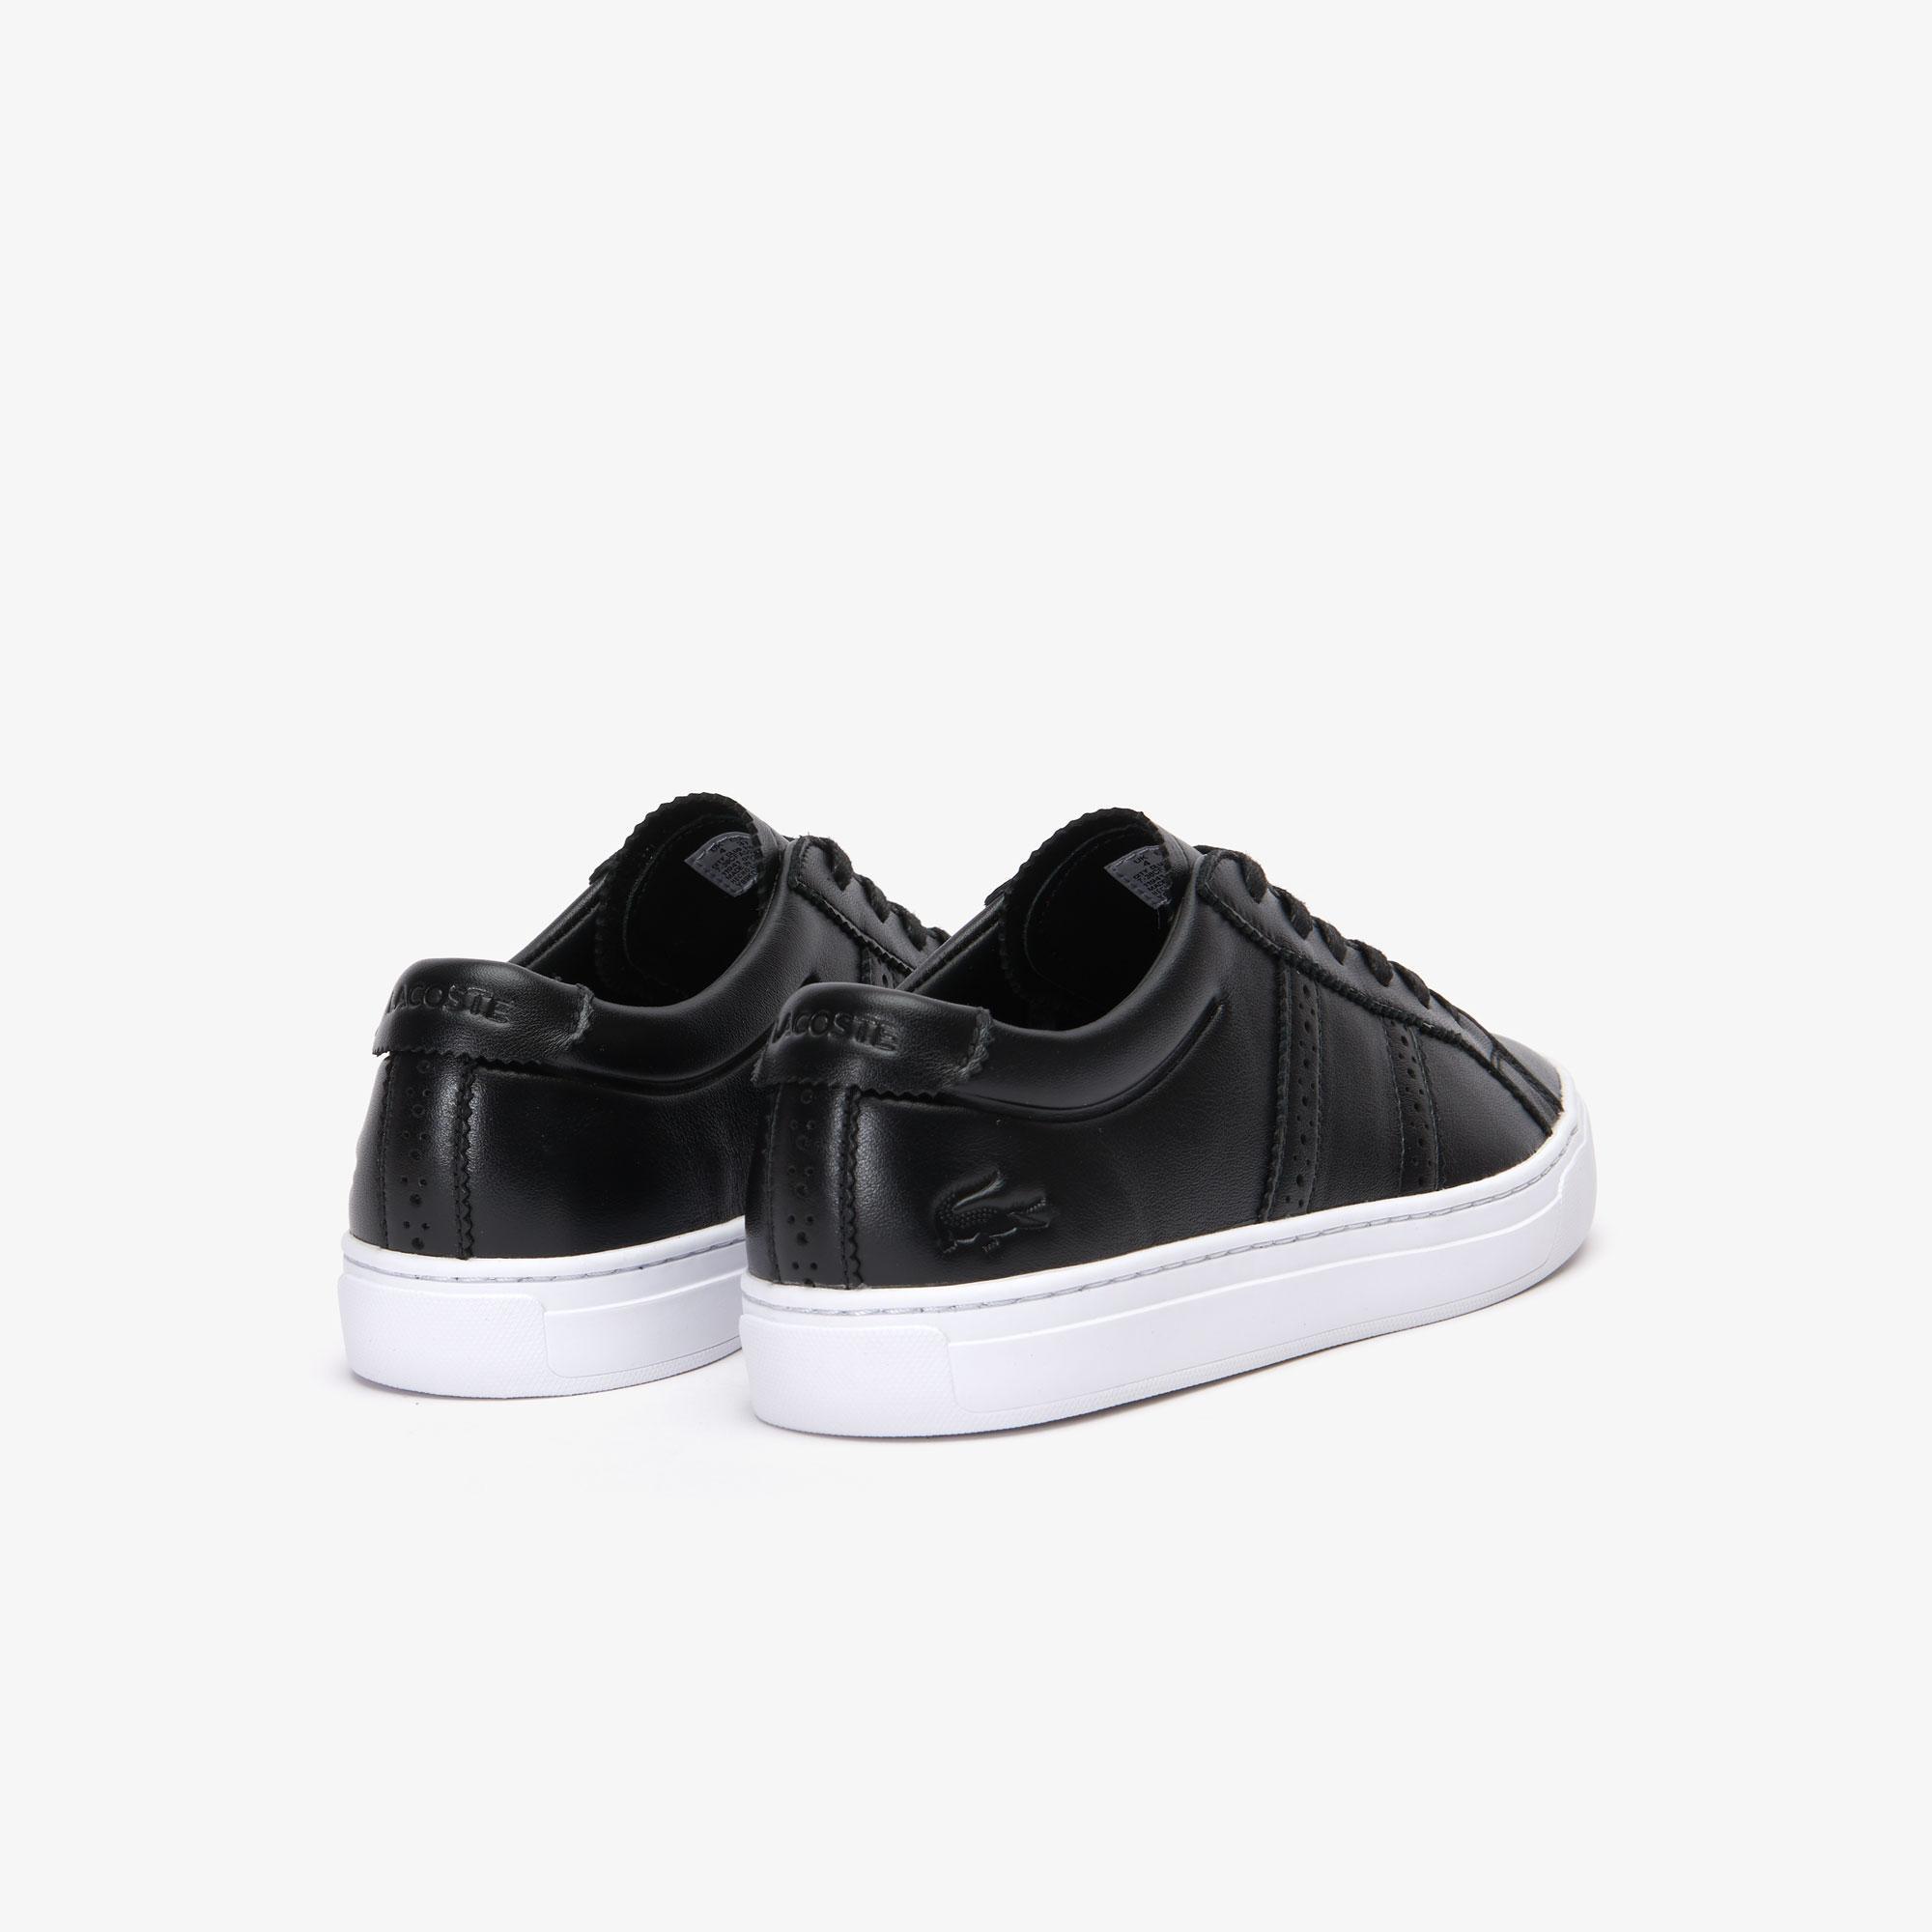 Lacoste City Club 319 1 Cfa Kadın Siyah - Beyaz Casual Ayakkabı